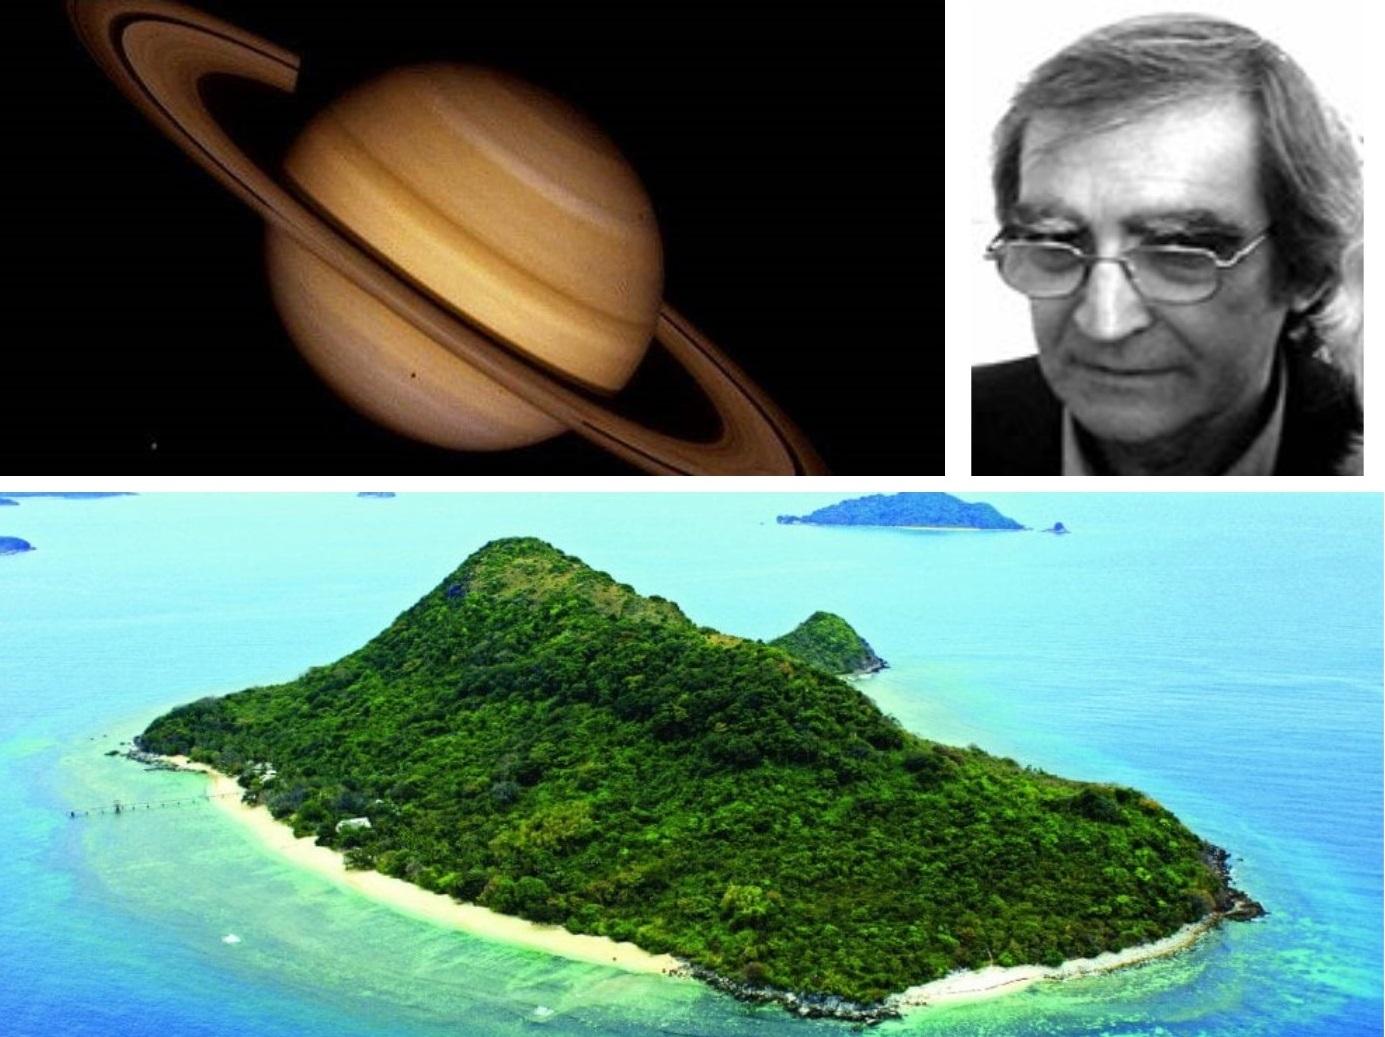 """L'Isola Combusta: """"Le Isole Mirabili"""" di Angelo Arioli e la stella di latitudine 0° in congiunzione col Sole"""